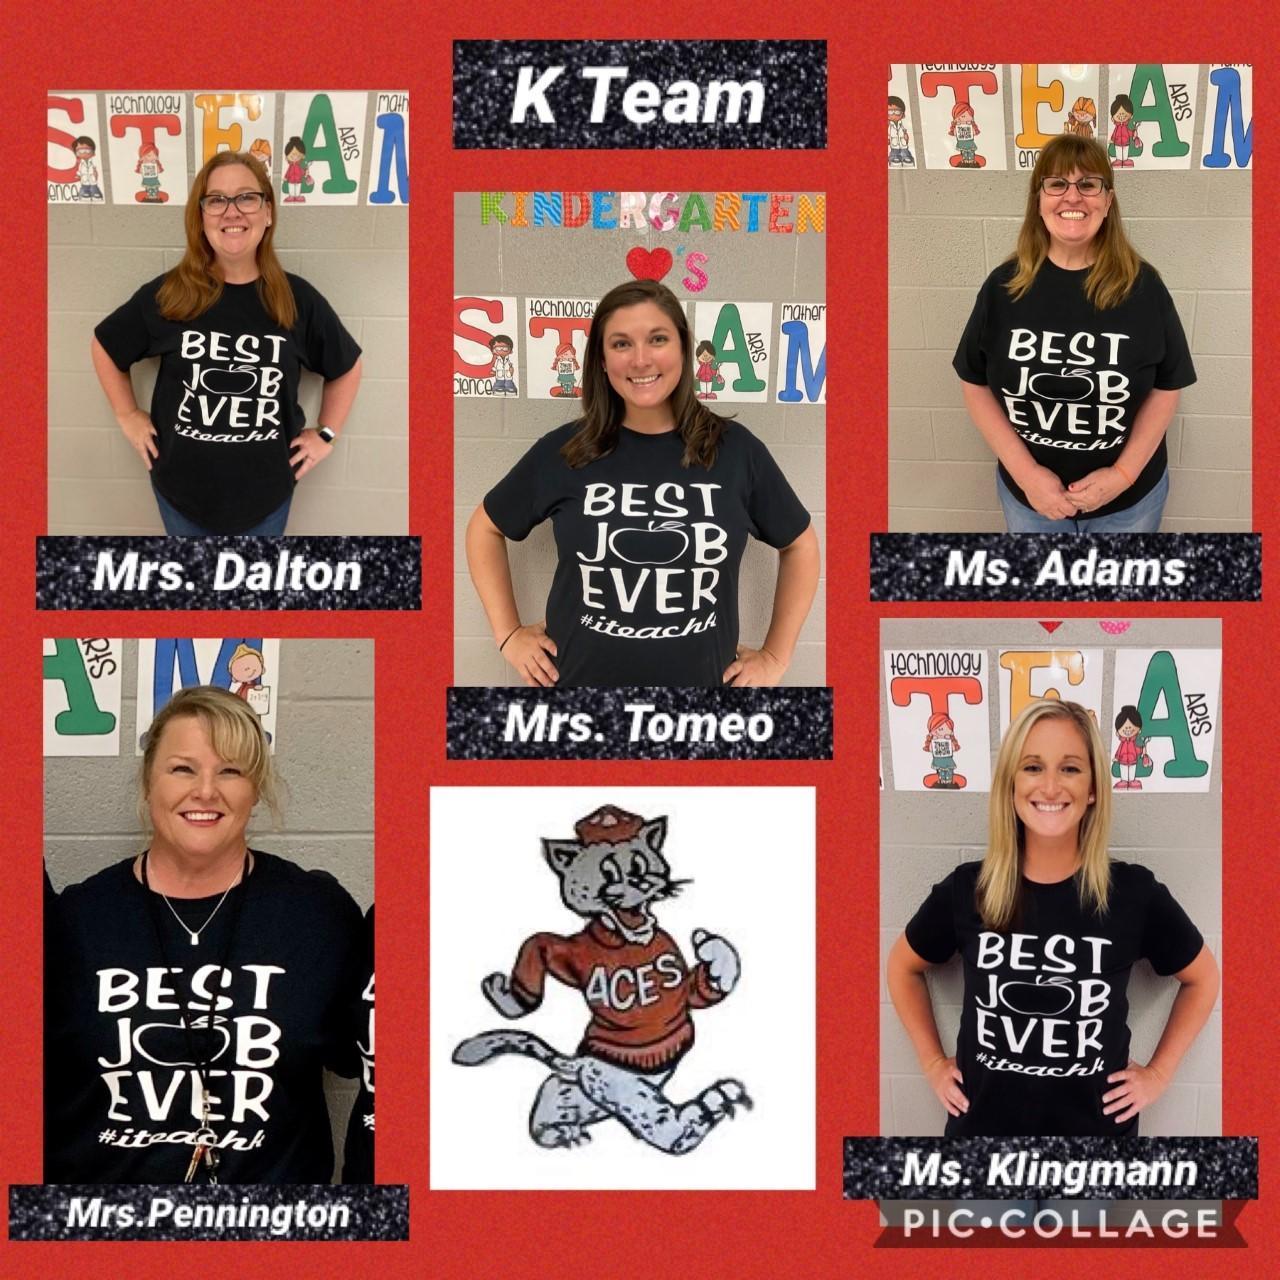 K Team